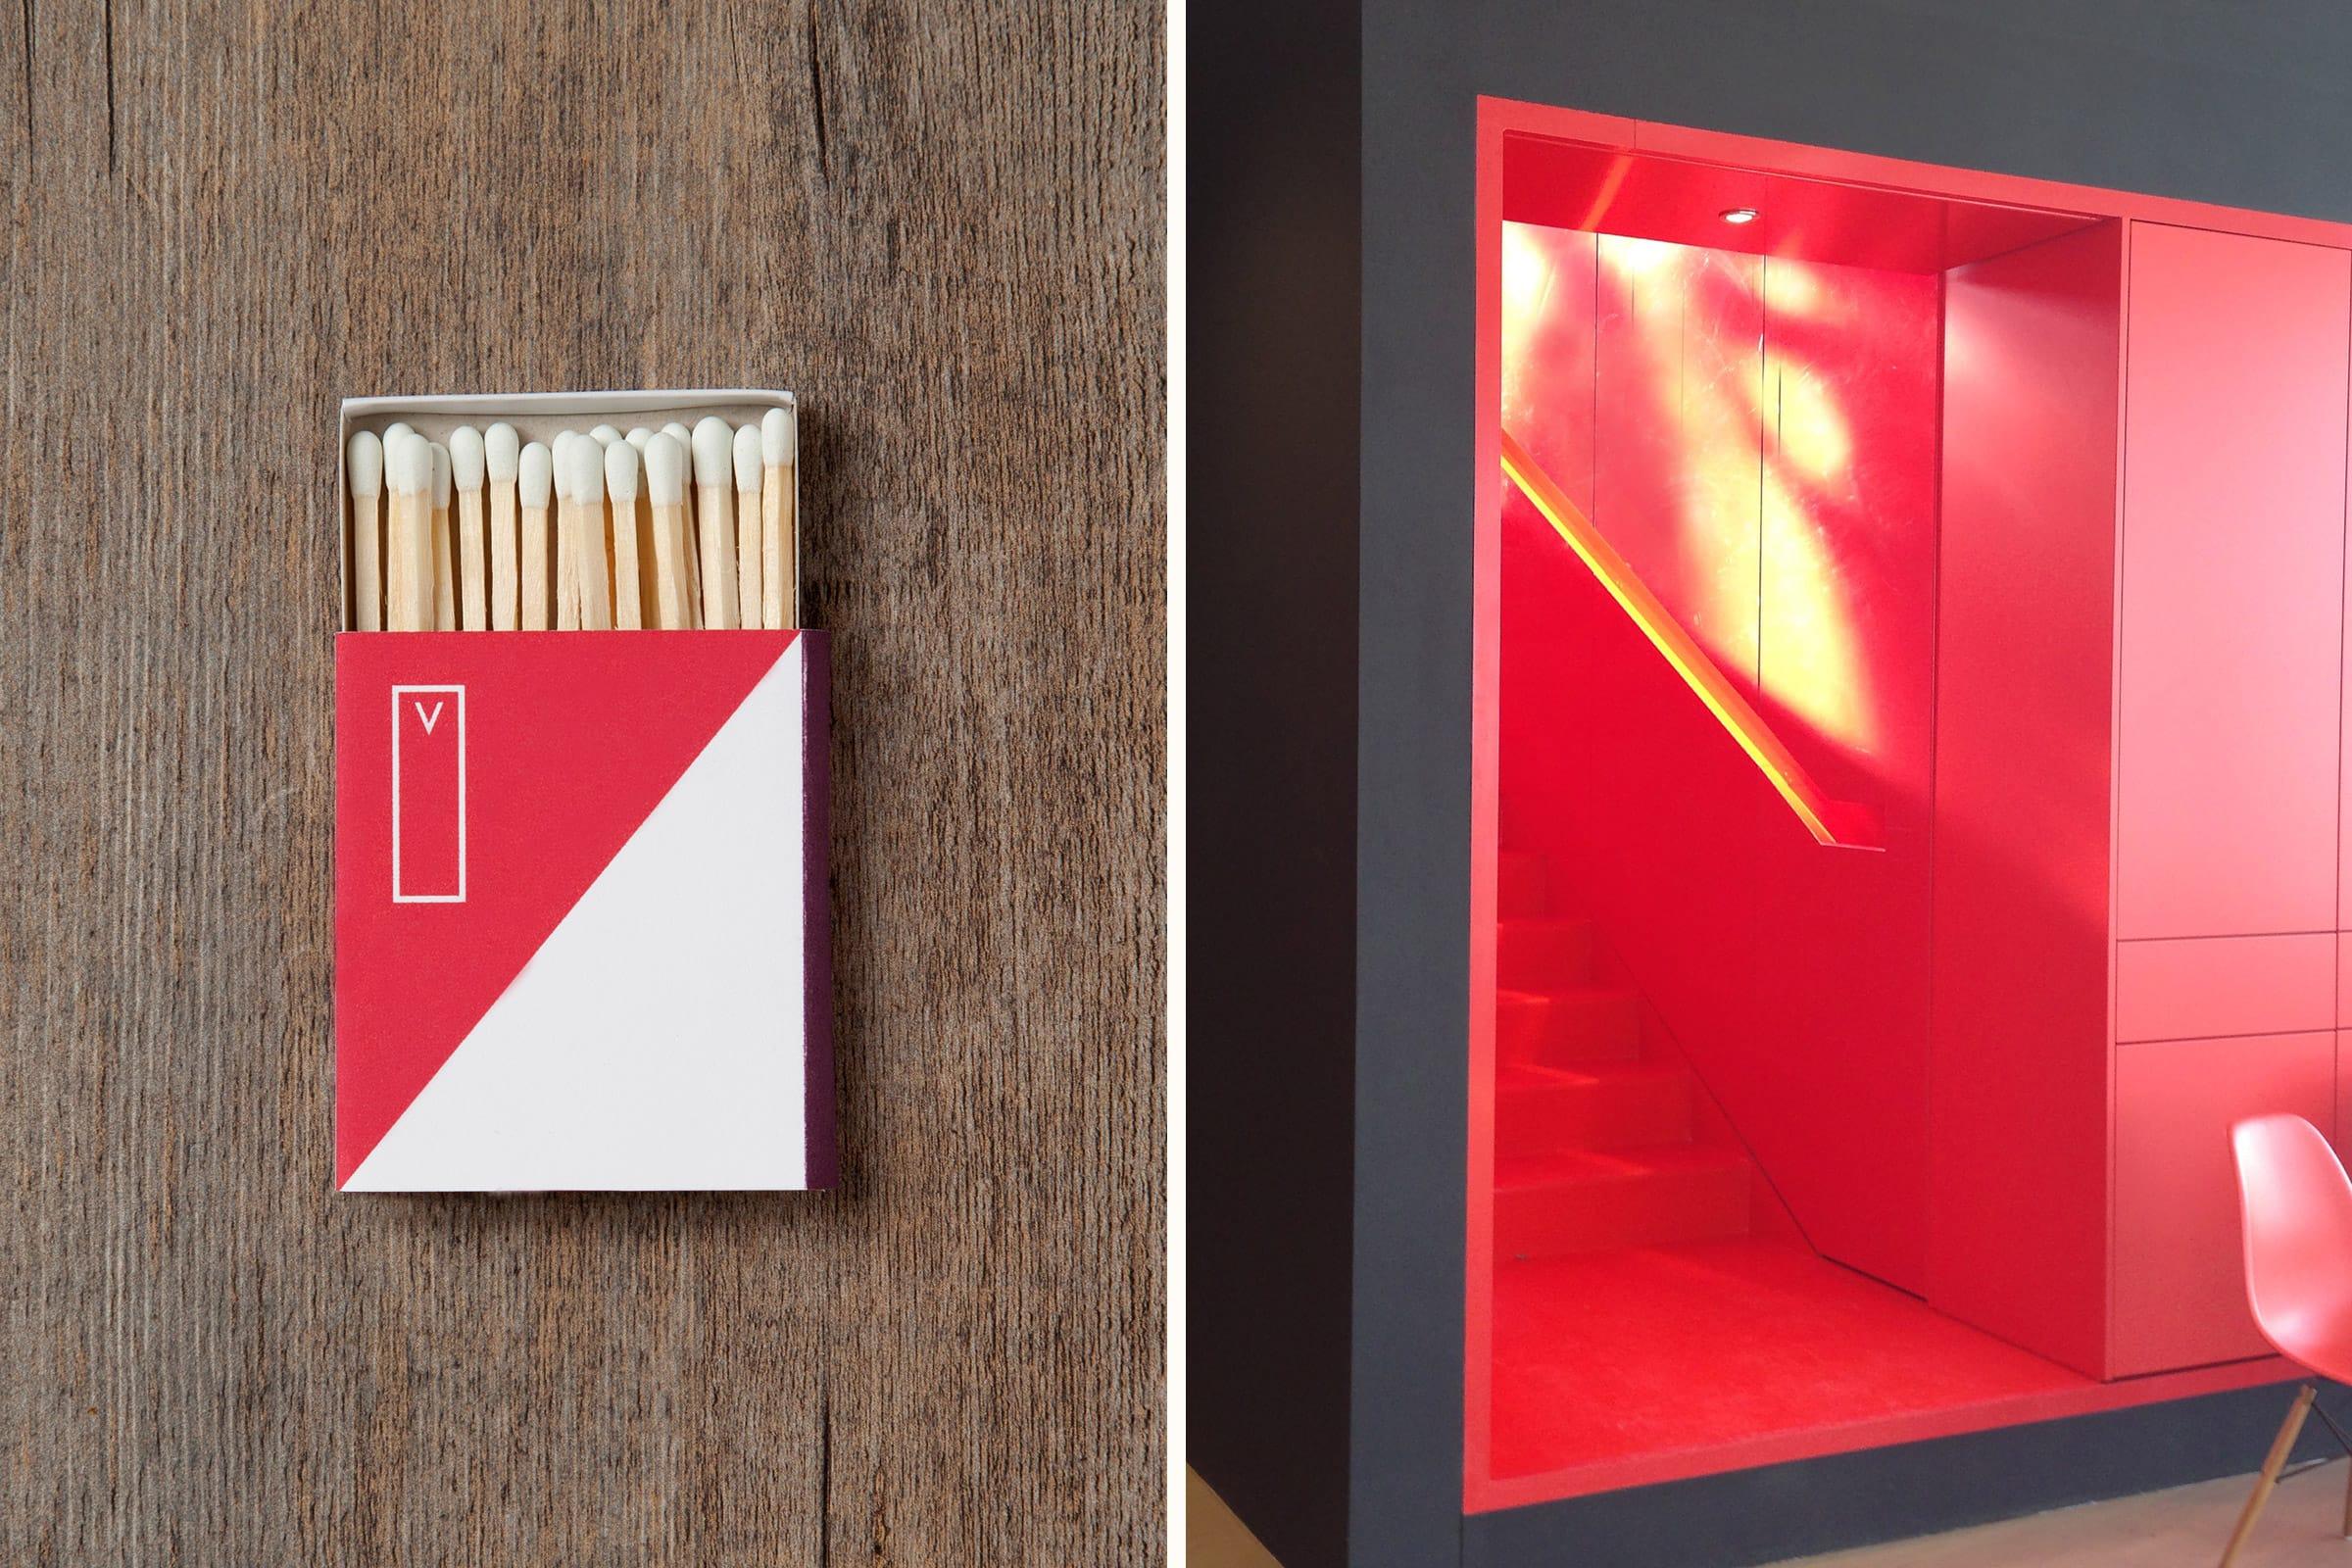 Streichhölzer, Branding, rot, Vodafone